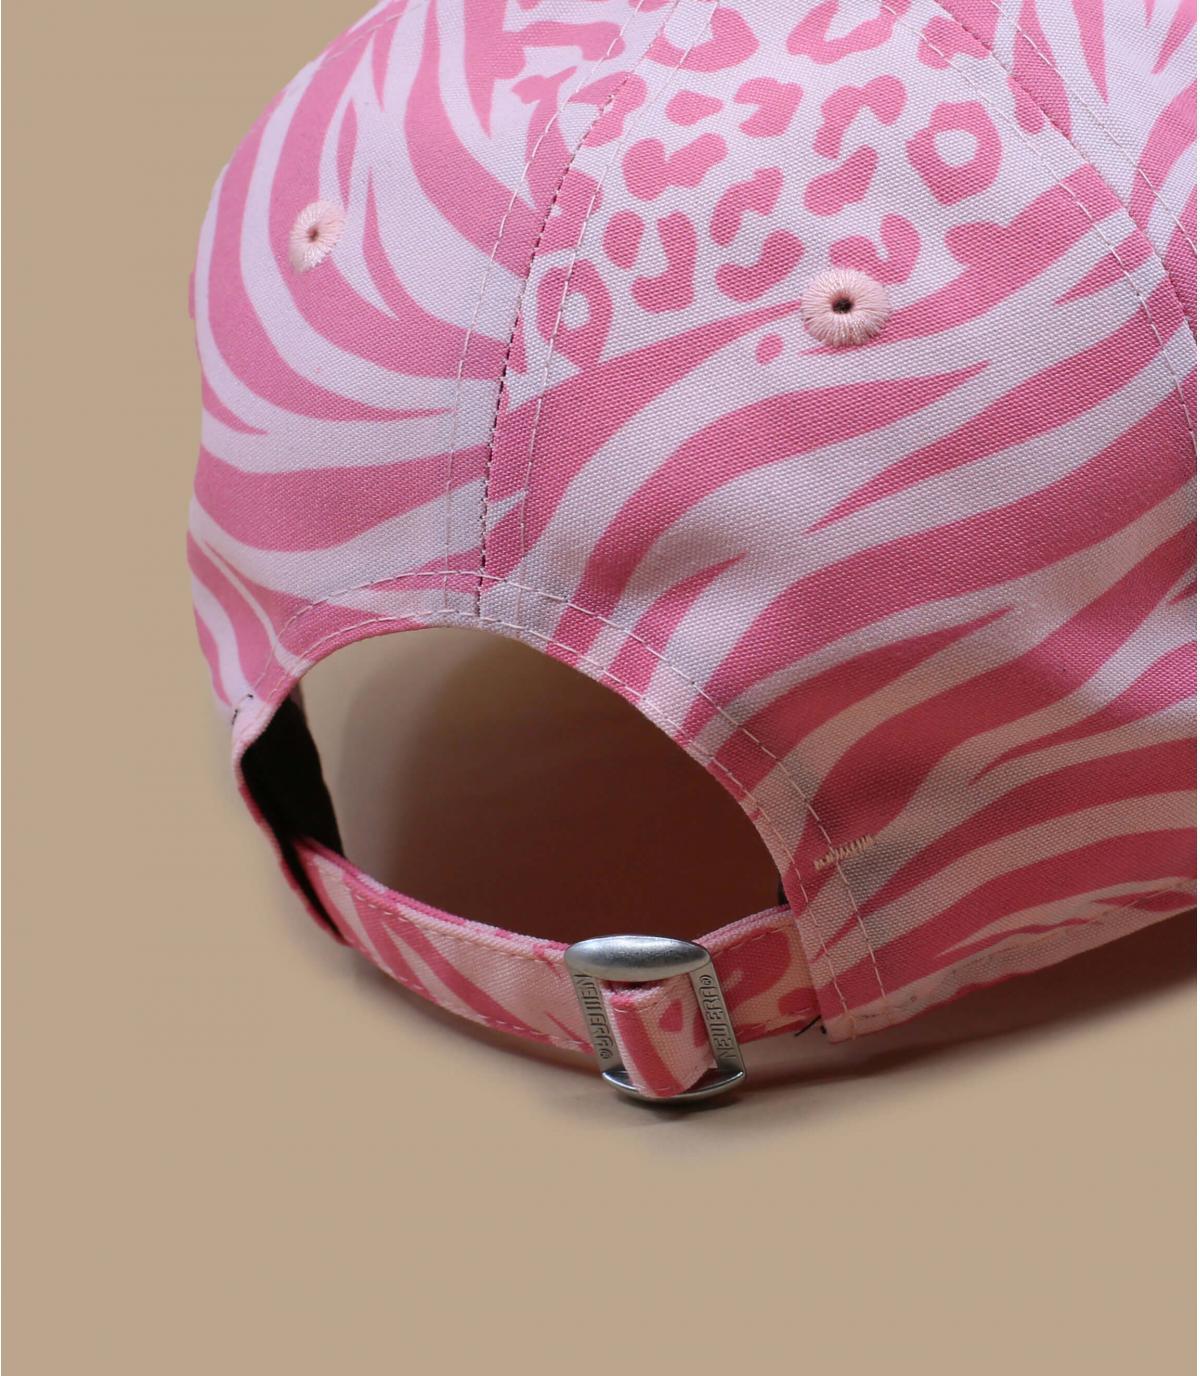 Détails Casquette Wmns Fashion NY pink - image 4